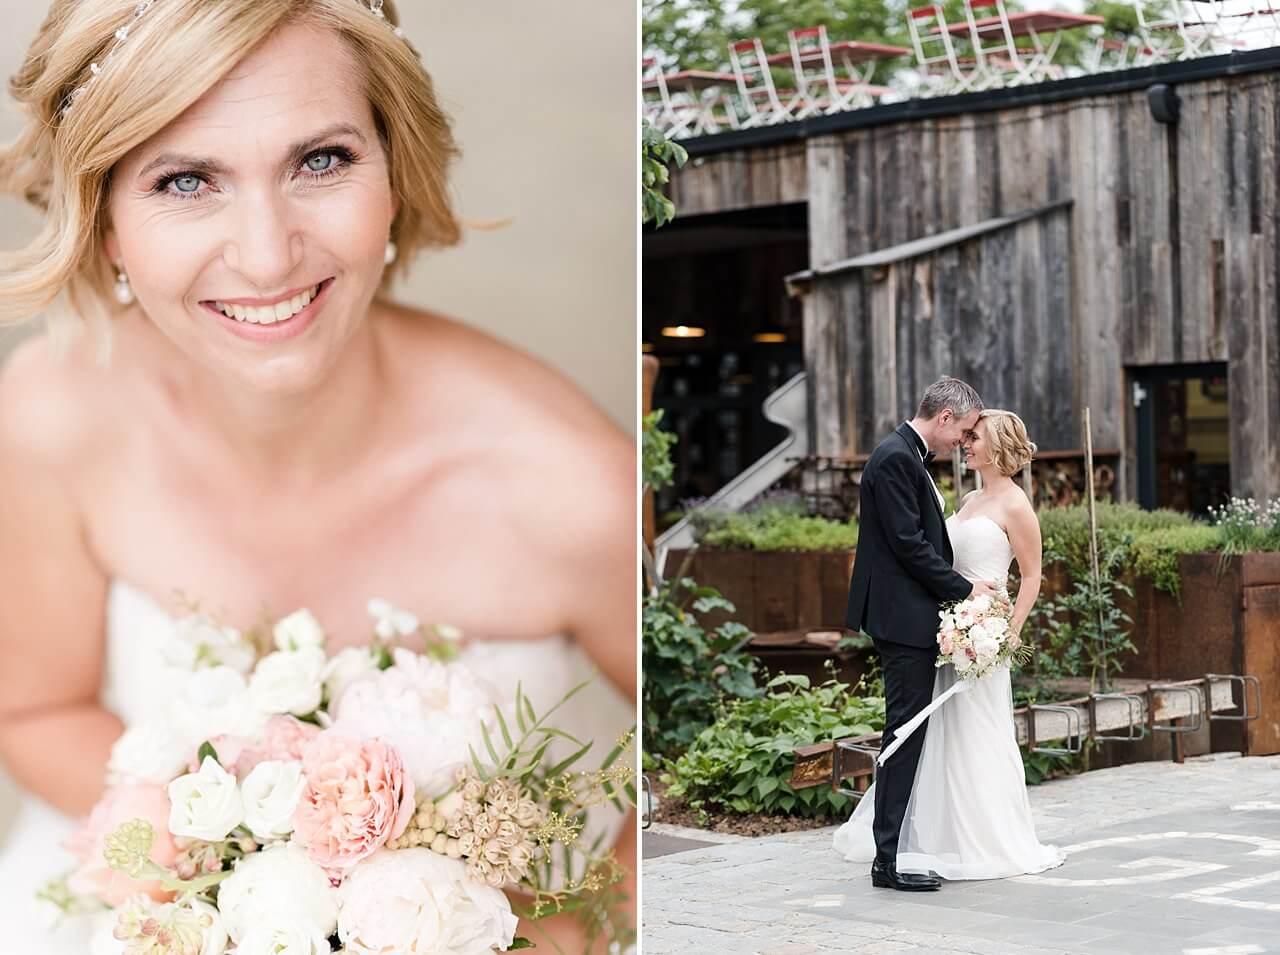 Rebecca Conte Fotografie: Traumhafte Hochzeit Gourmet Berner 62